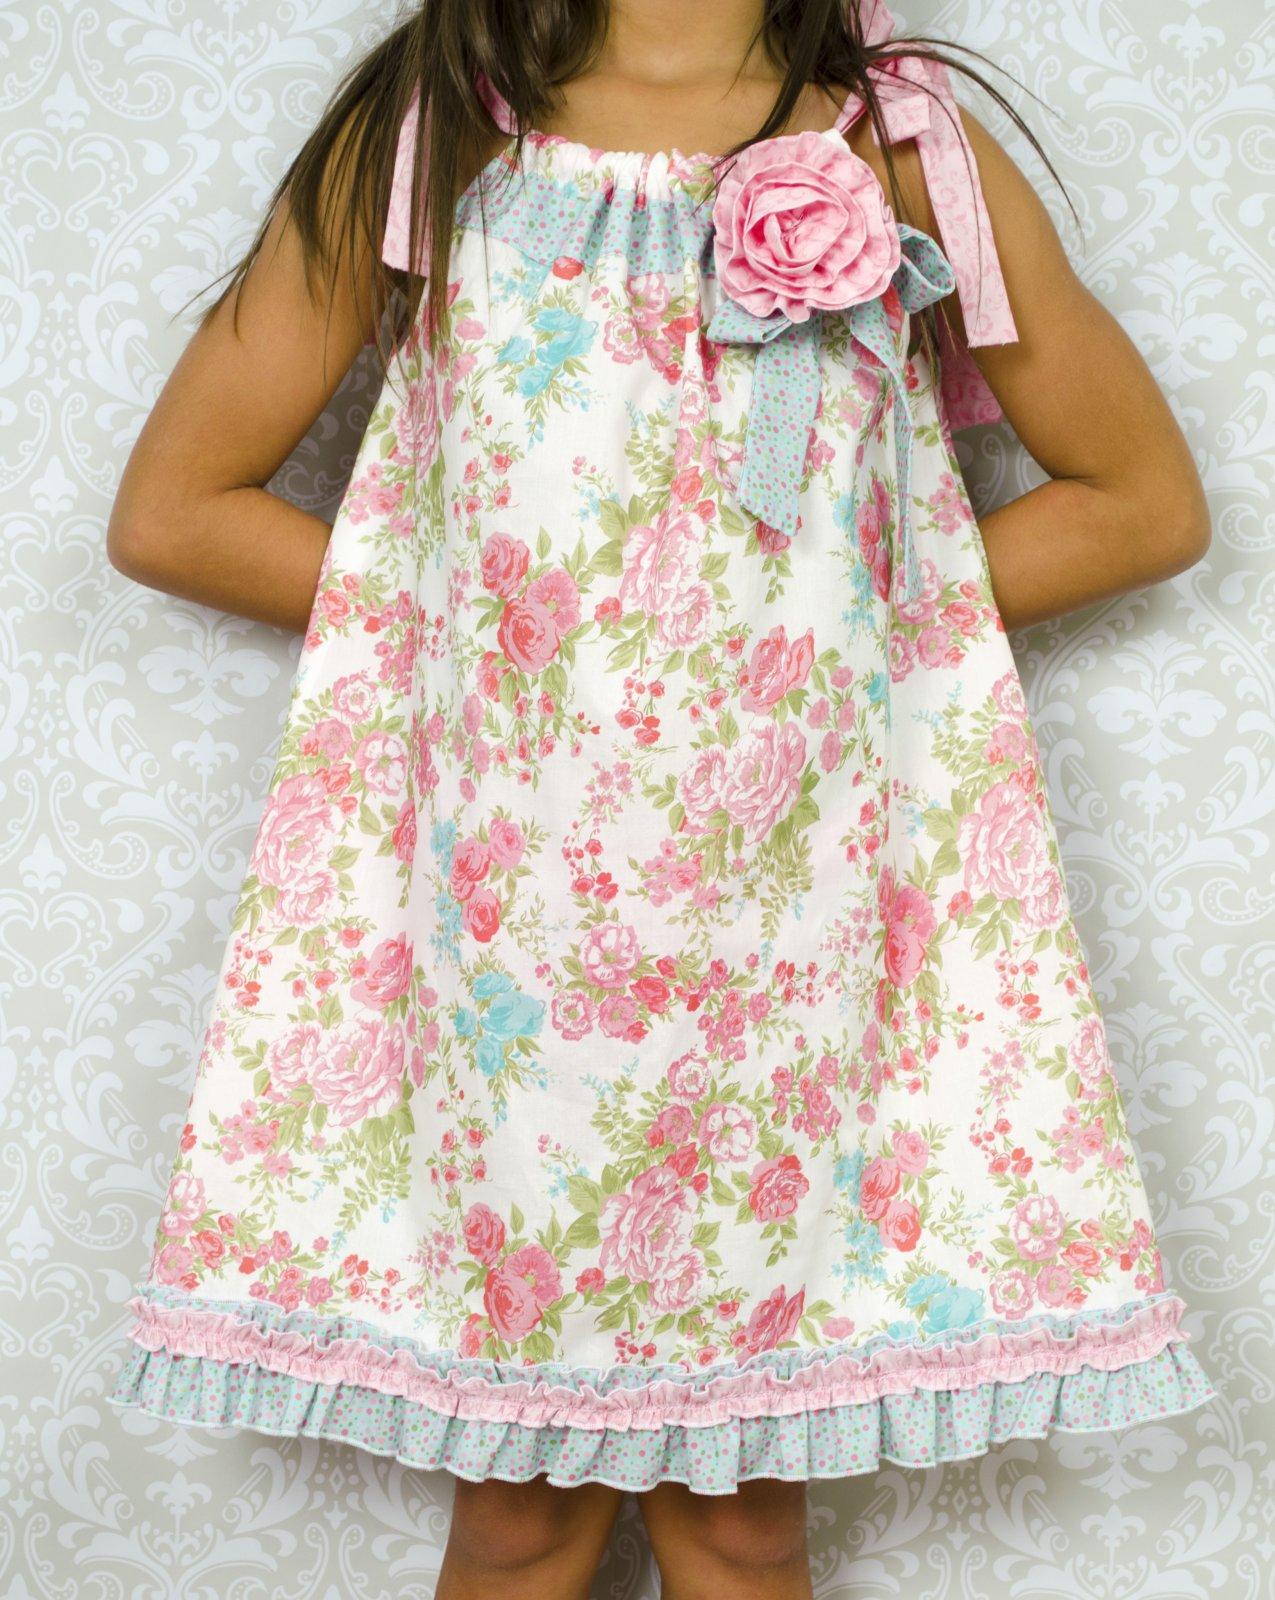 Little Dress Boutique - Sophia Flower Dress